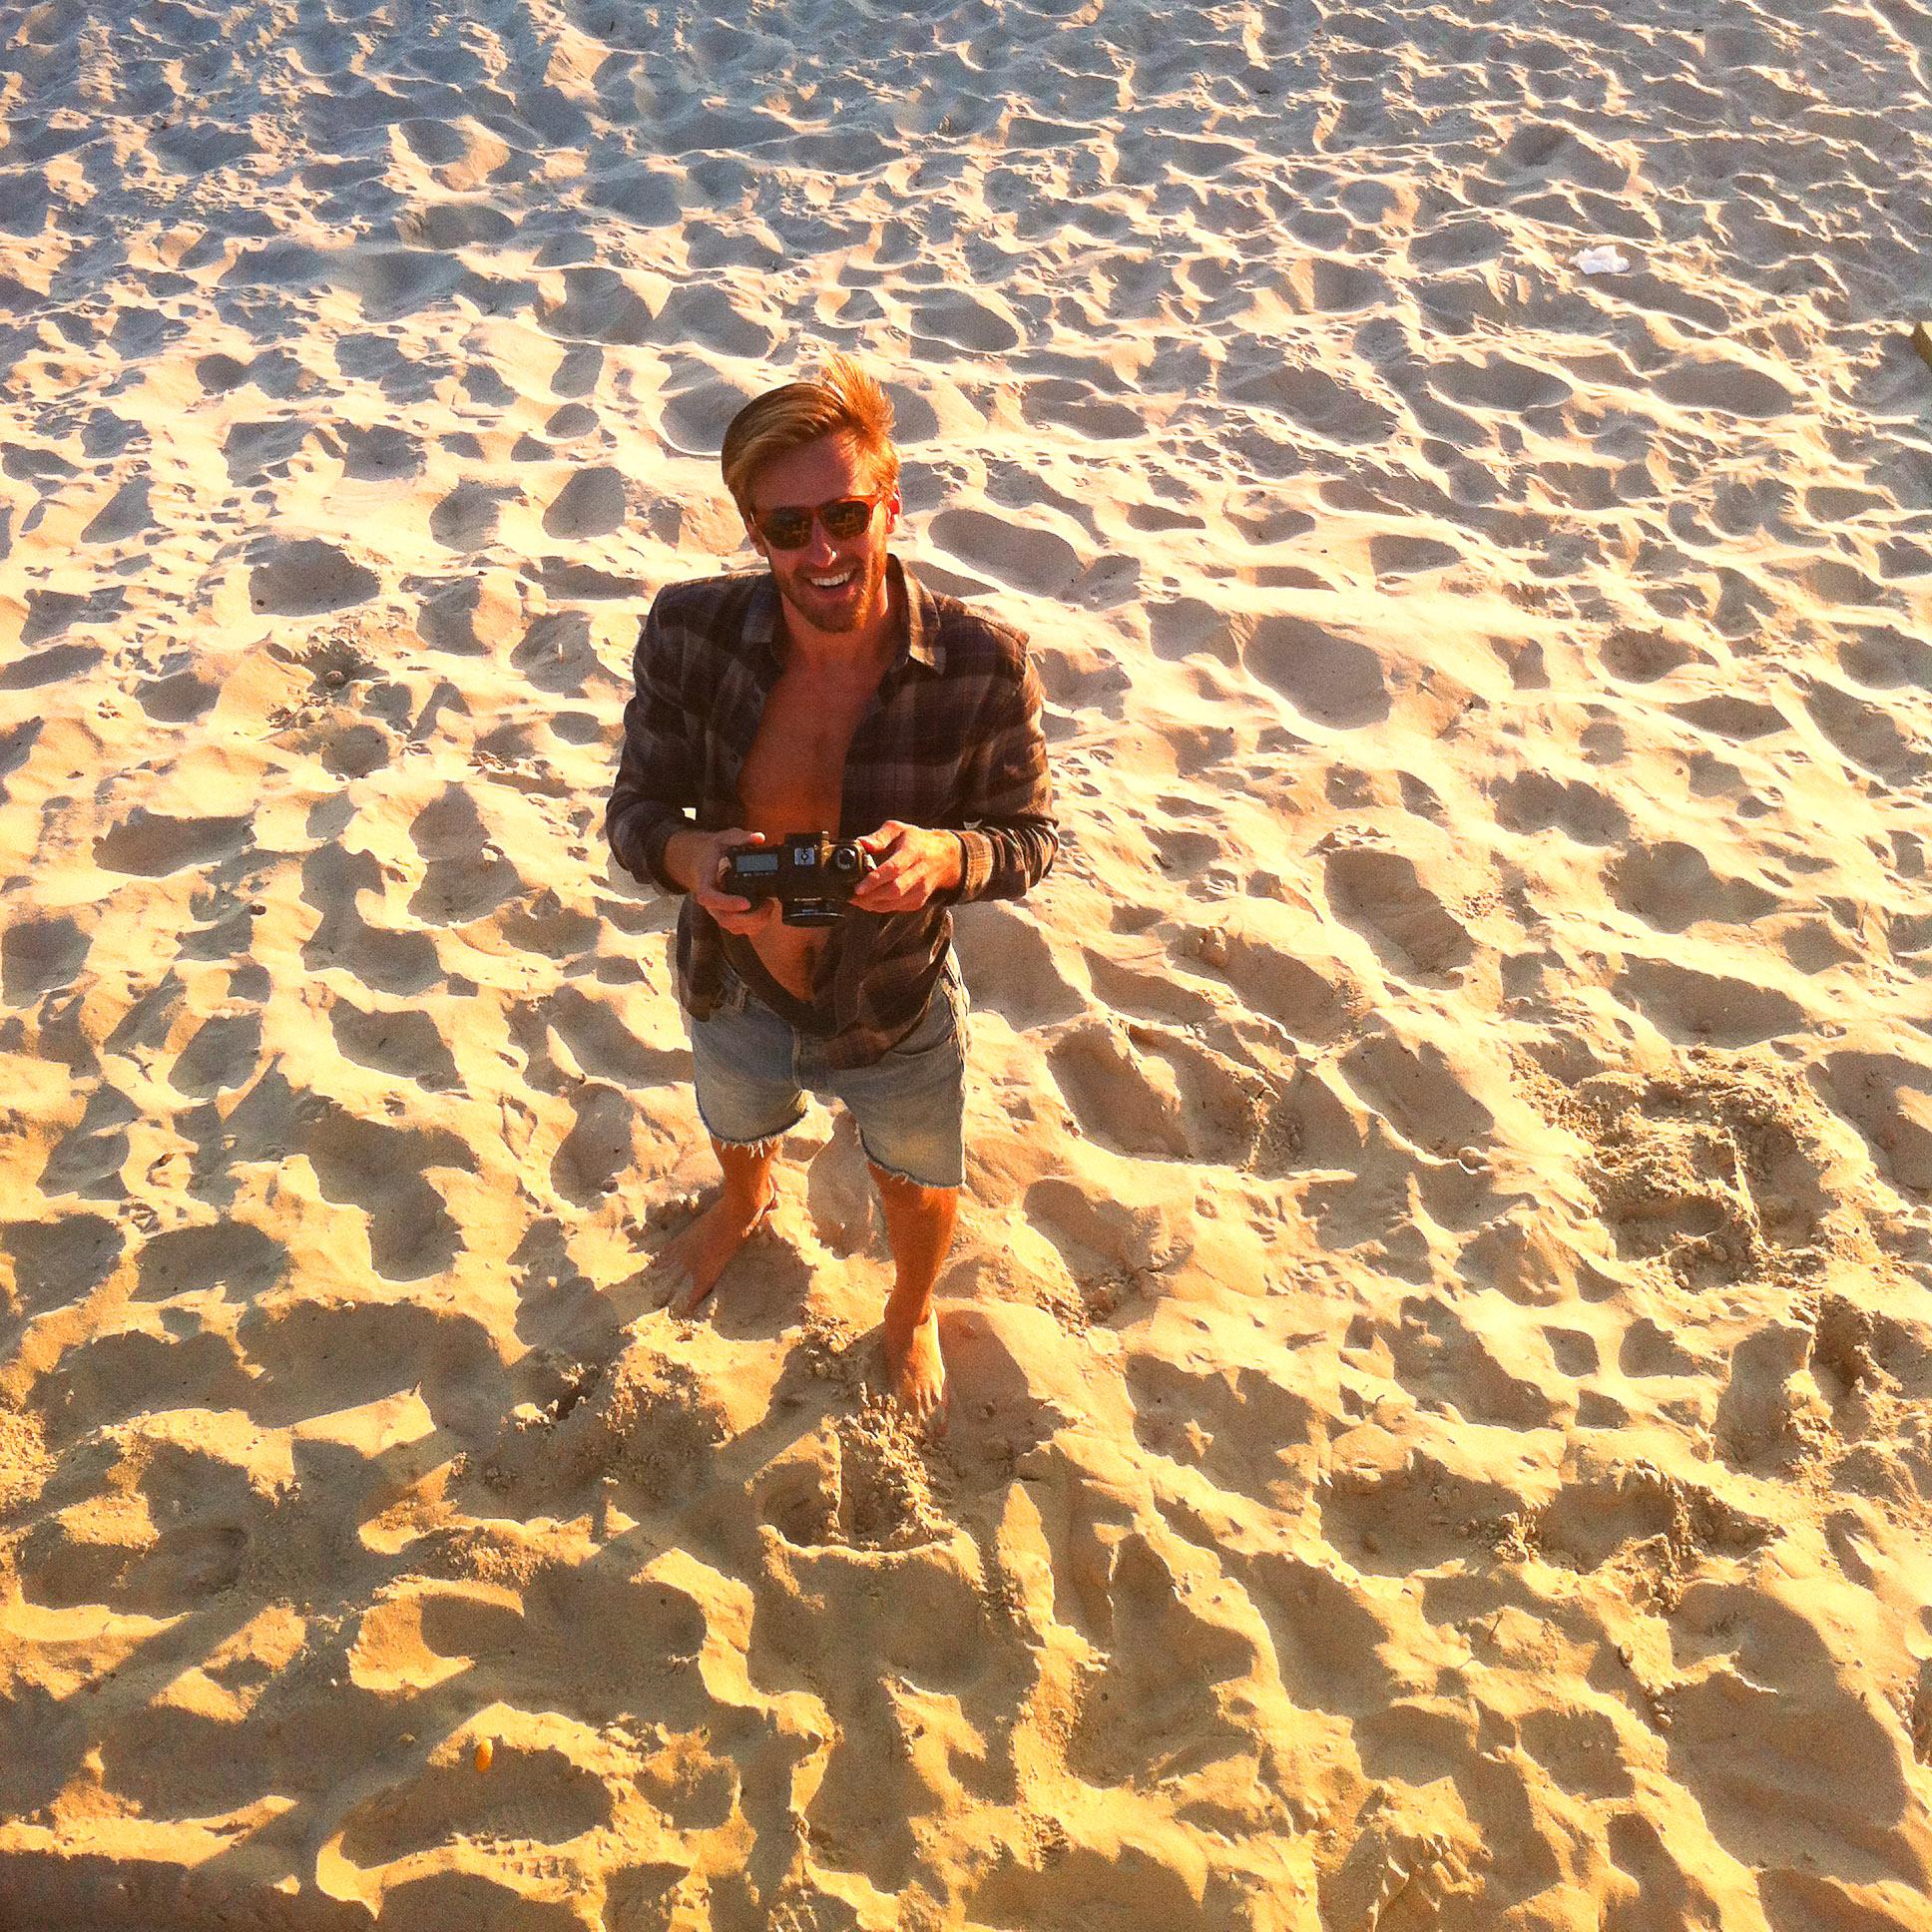 bittl-alue-optics-two-long-beach-ny.jpg